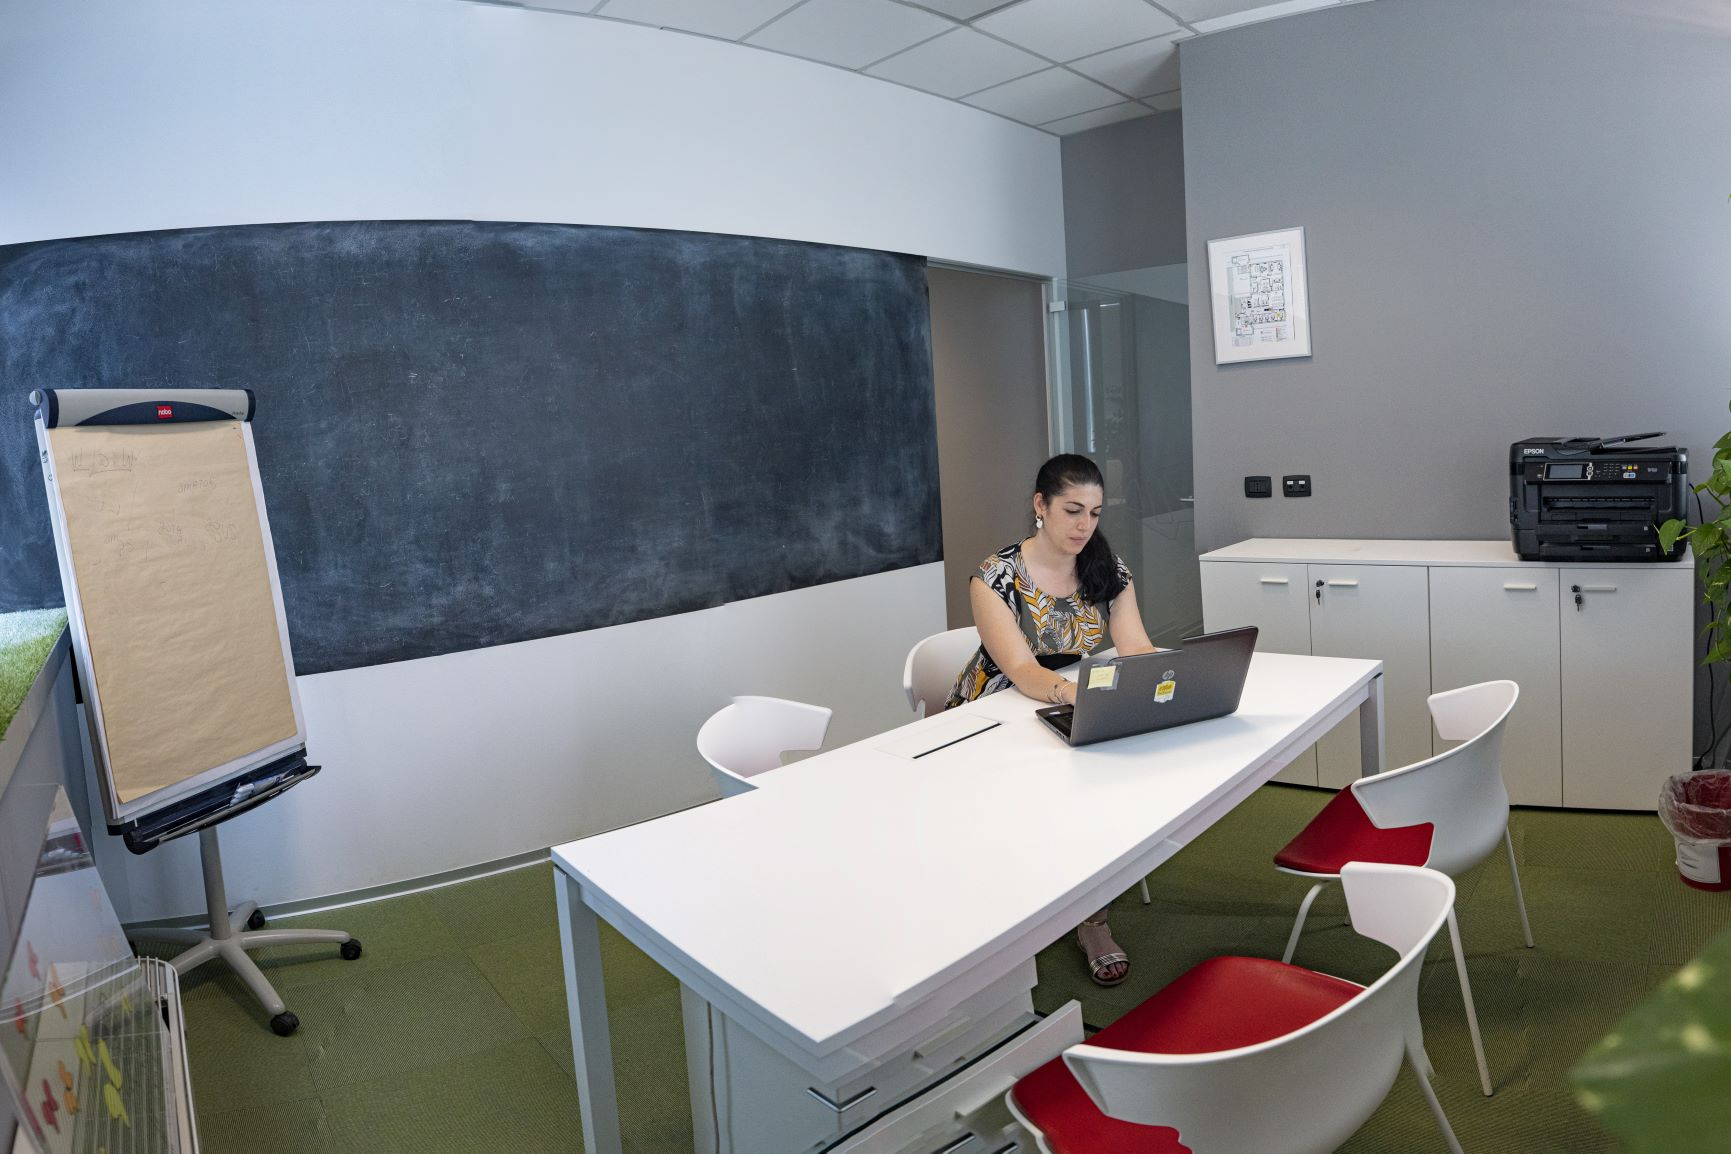 Noleggio ufficio 4 - City coworkingarden